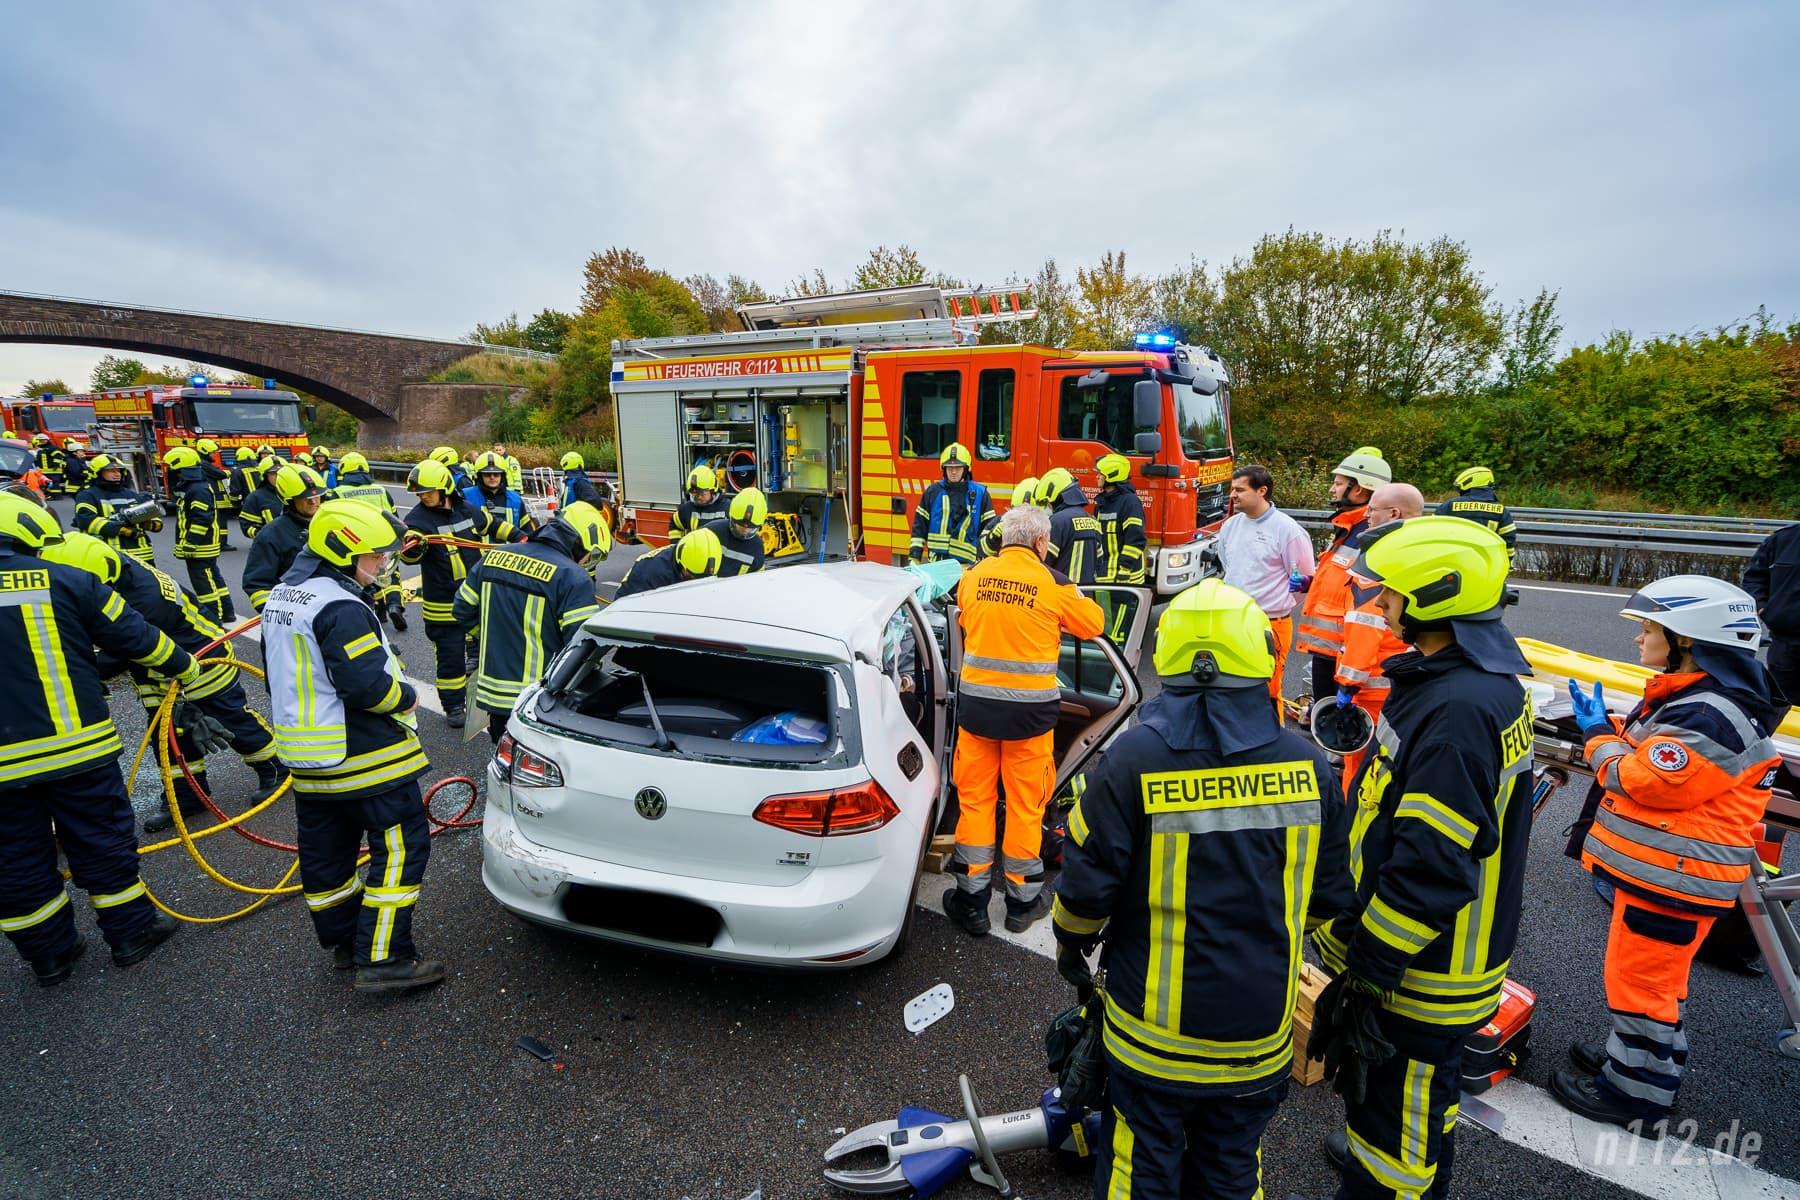 Feuerwehr und Rettungsdienst stehen am Auto, der Fahrer ist noch eingeschlossen (Foto: n112.de/Stefan Simonsen)